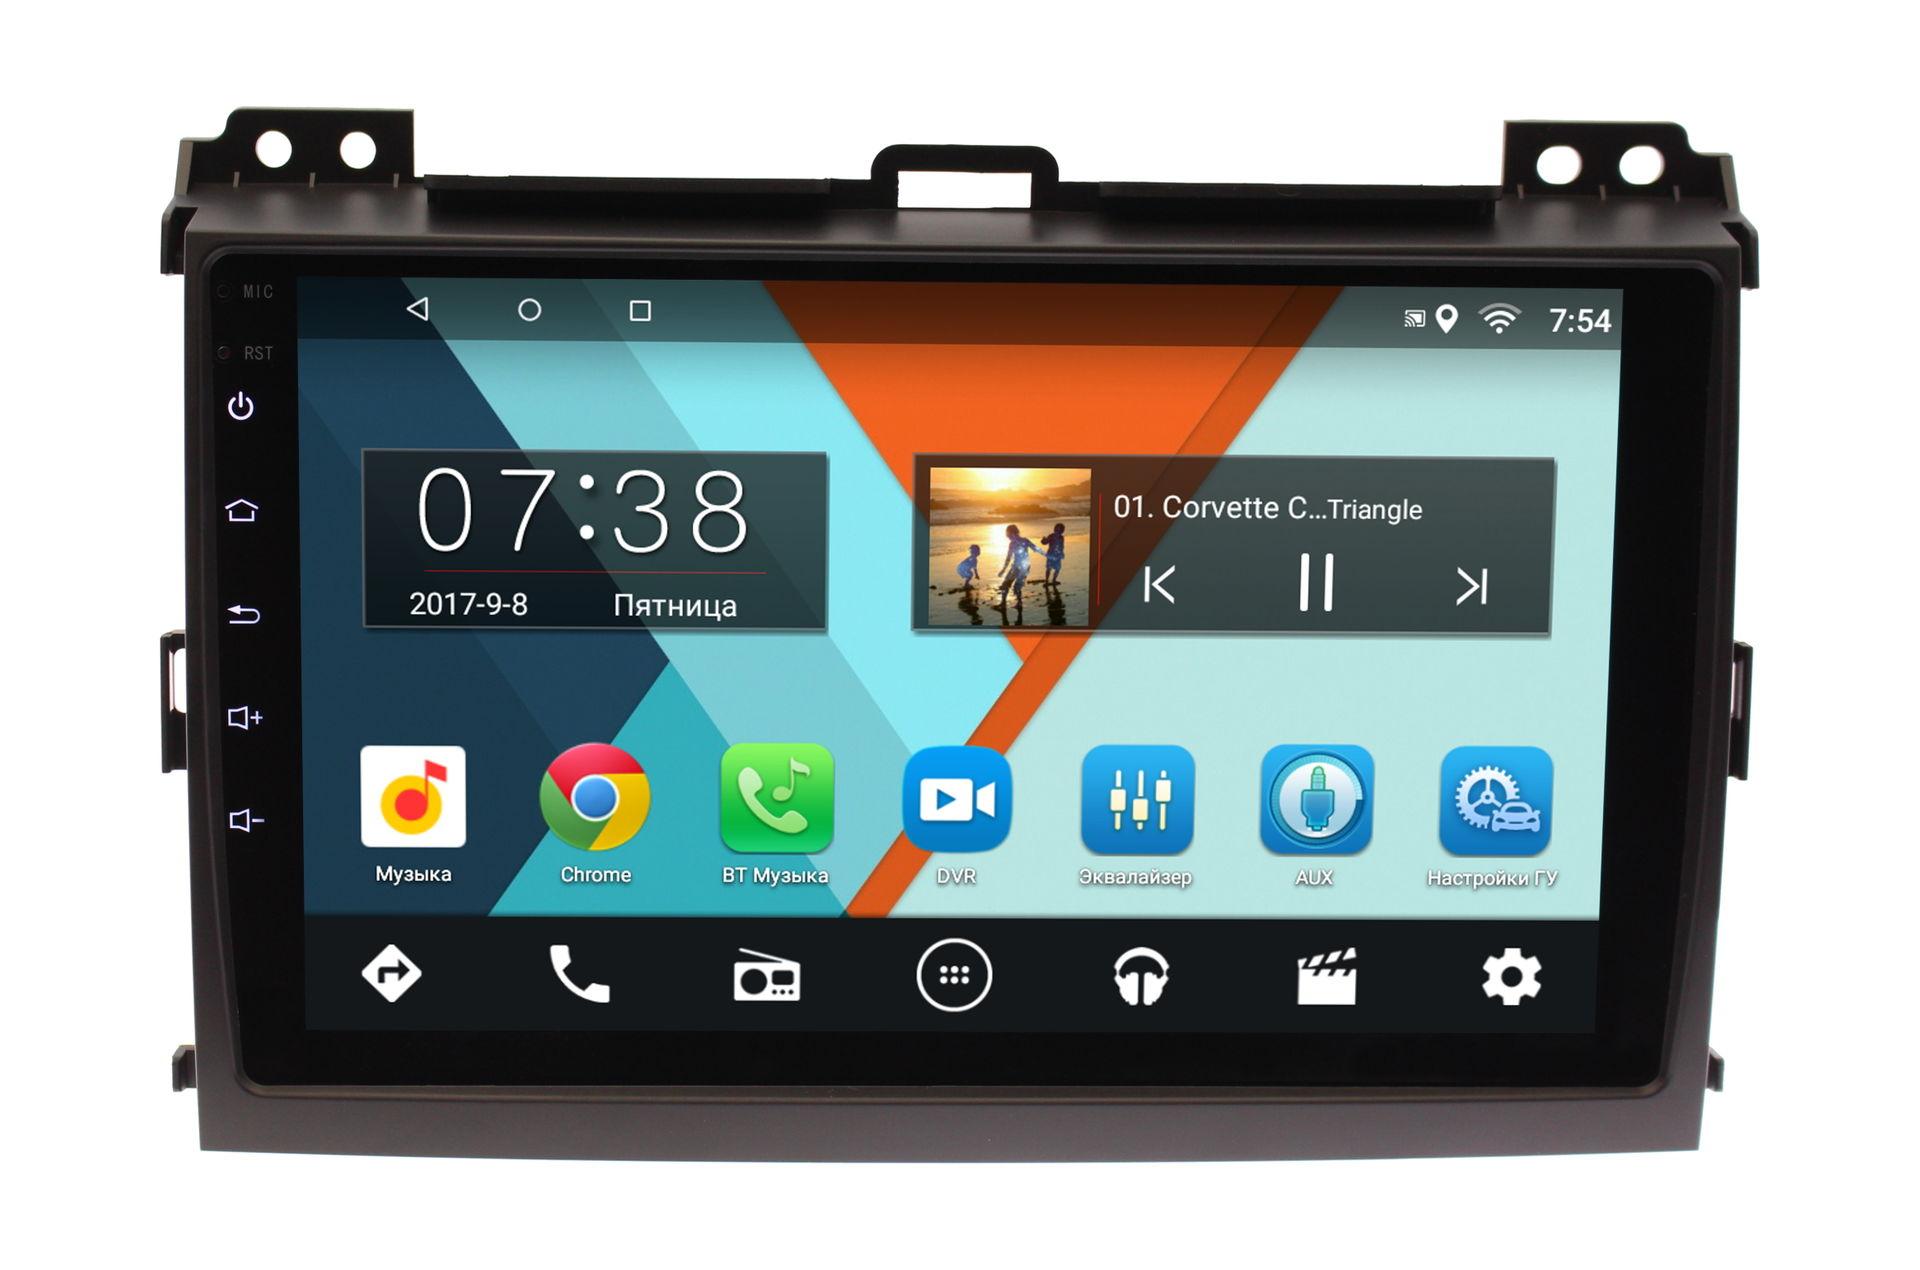 Штатная магнитола Lexus GX 2002-2009 с усилителем Wide Media MT9064MF-1/16 на Android 6.0.1 с усилителем media promotion